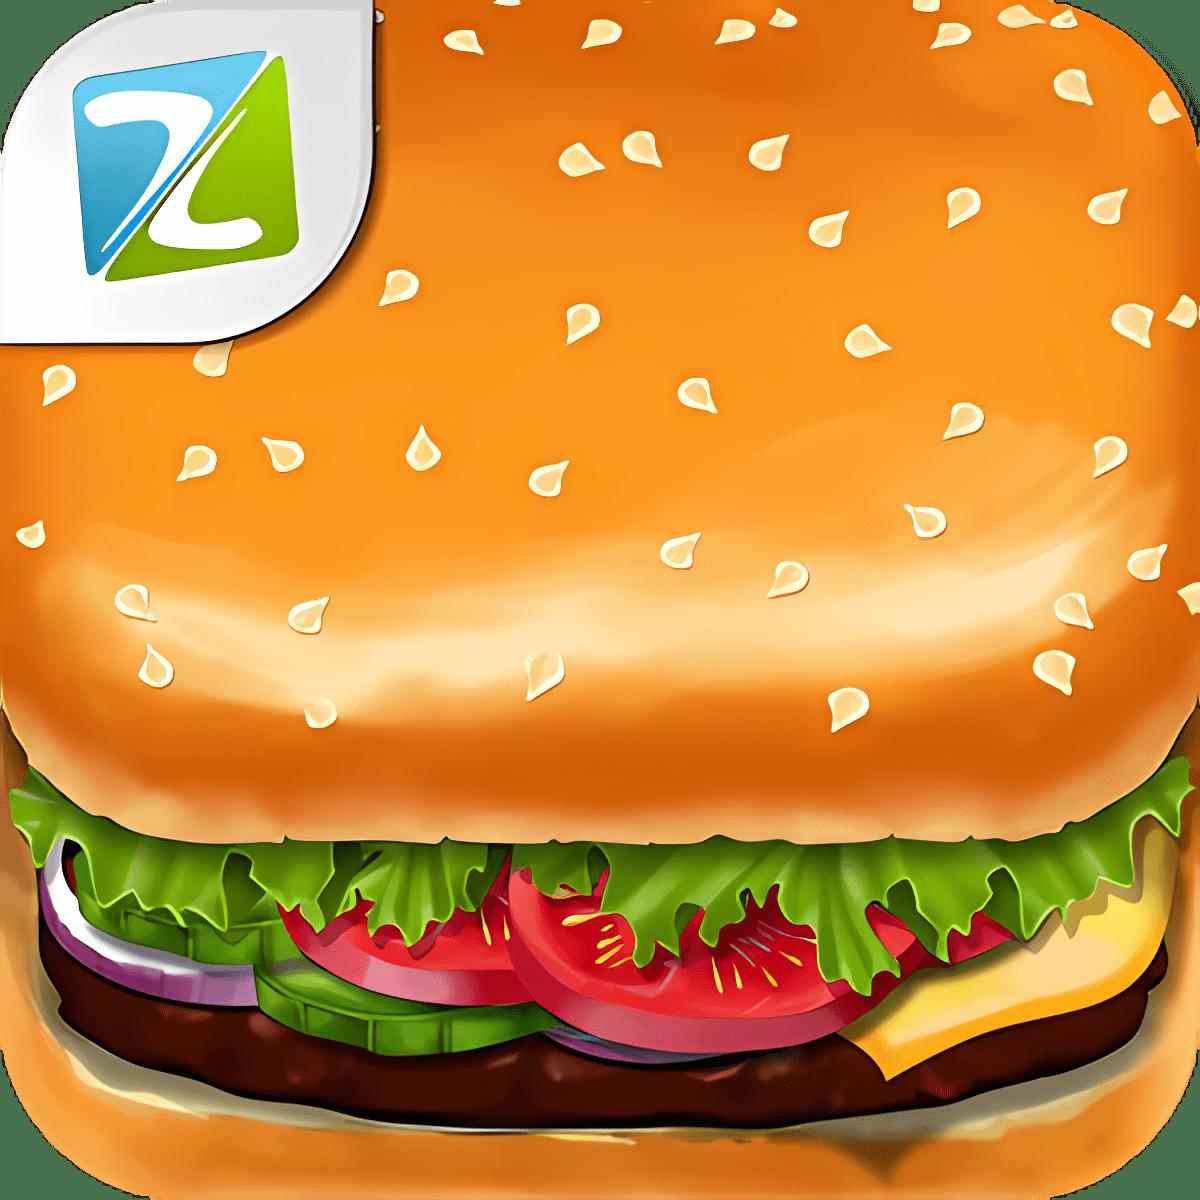 High Burger: Juego de cocinar